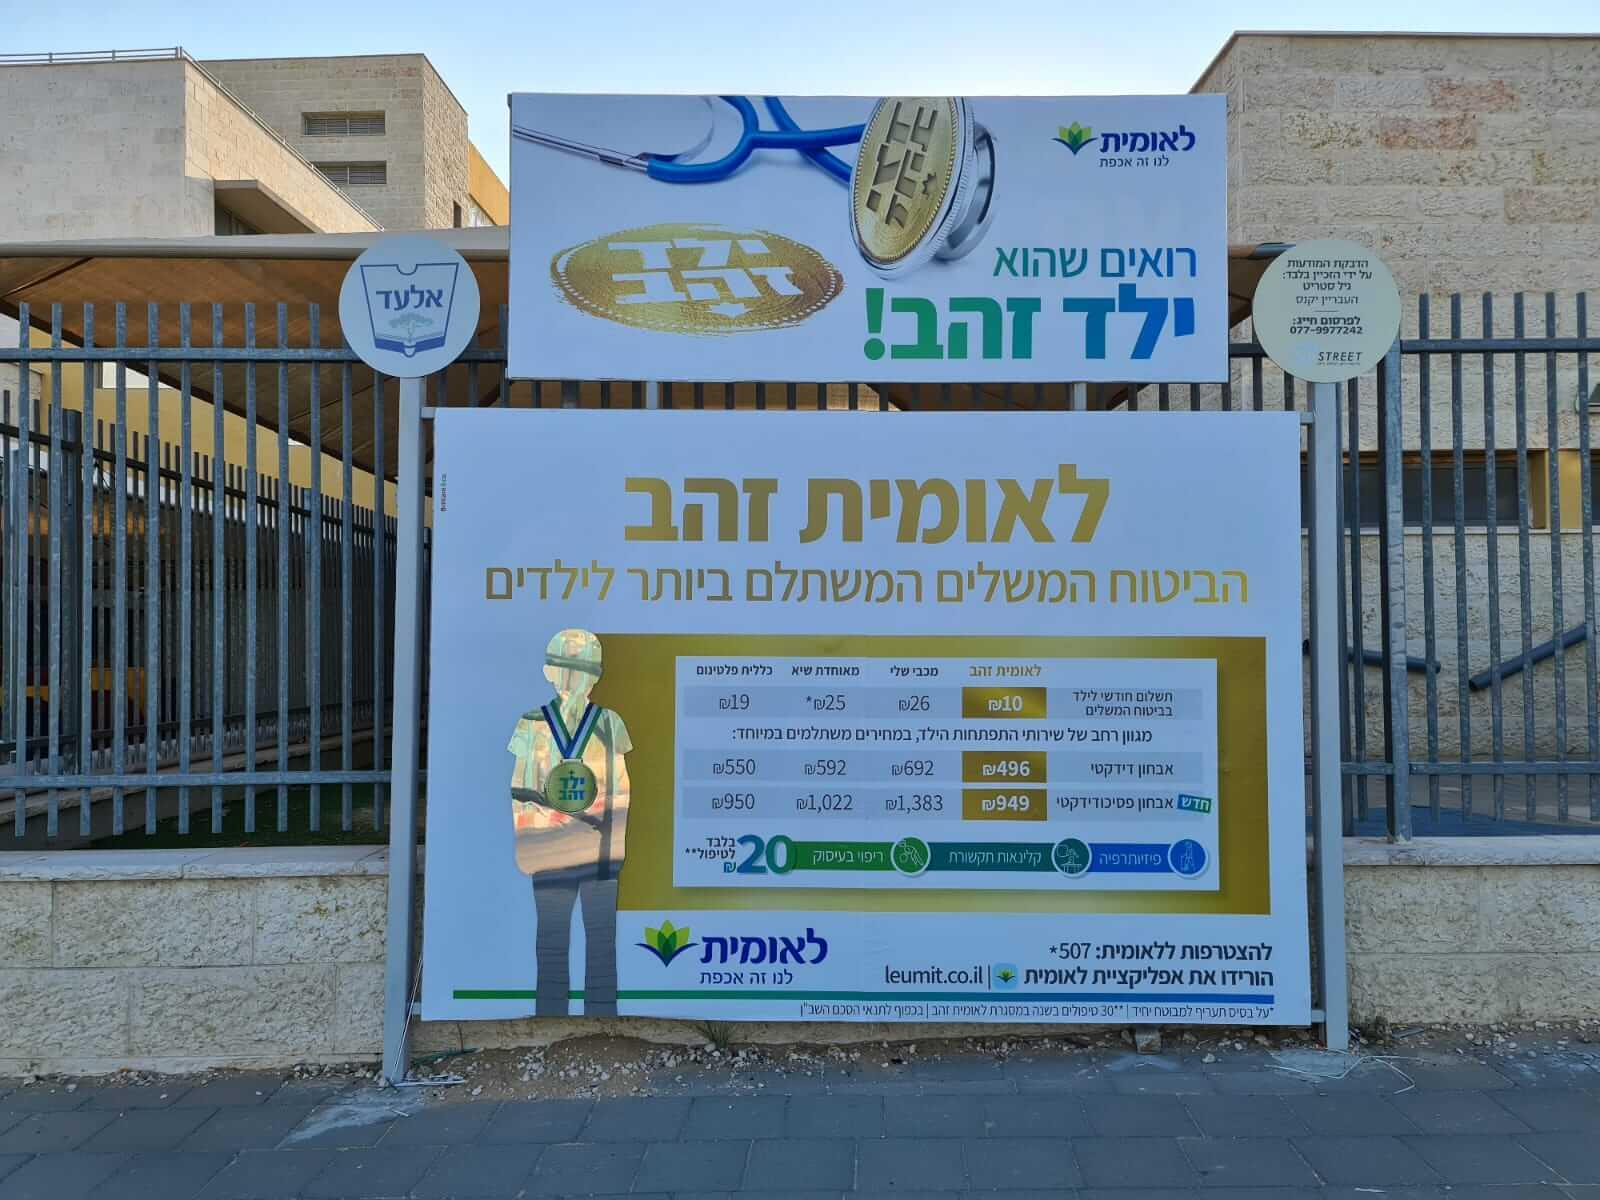 מראה מראה שעל הקיר: על קמפיין שלטי החוצות המבריק של לאומית 3